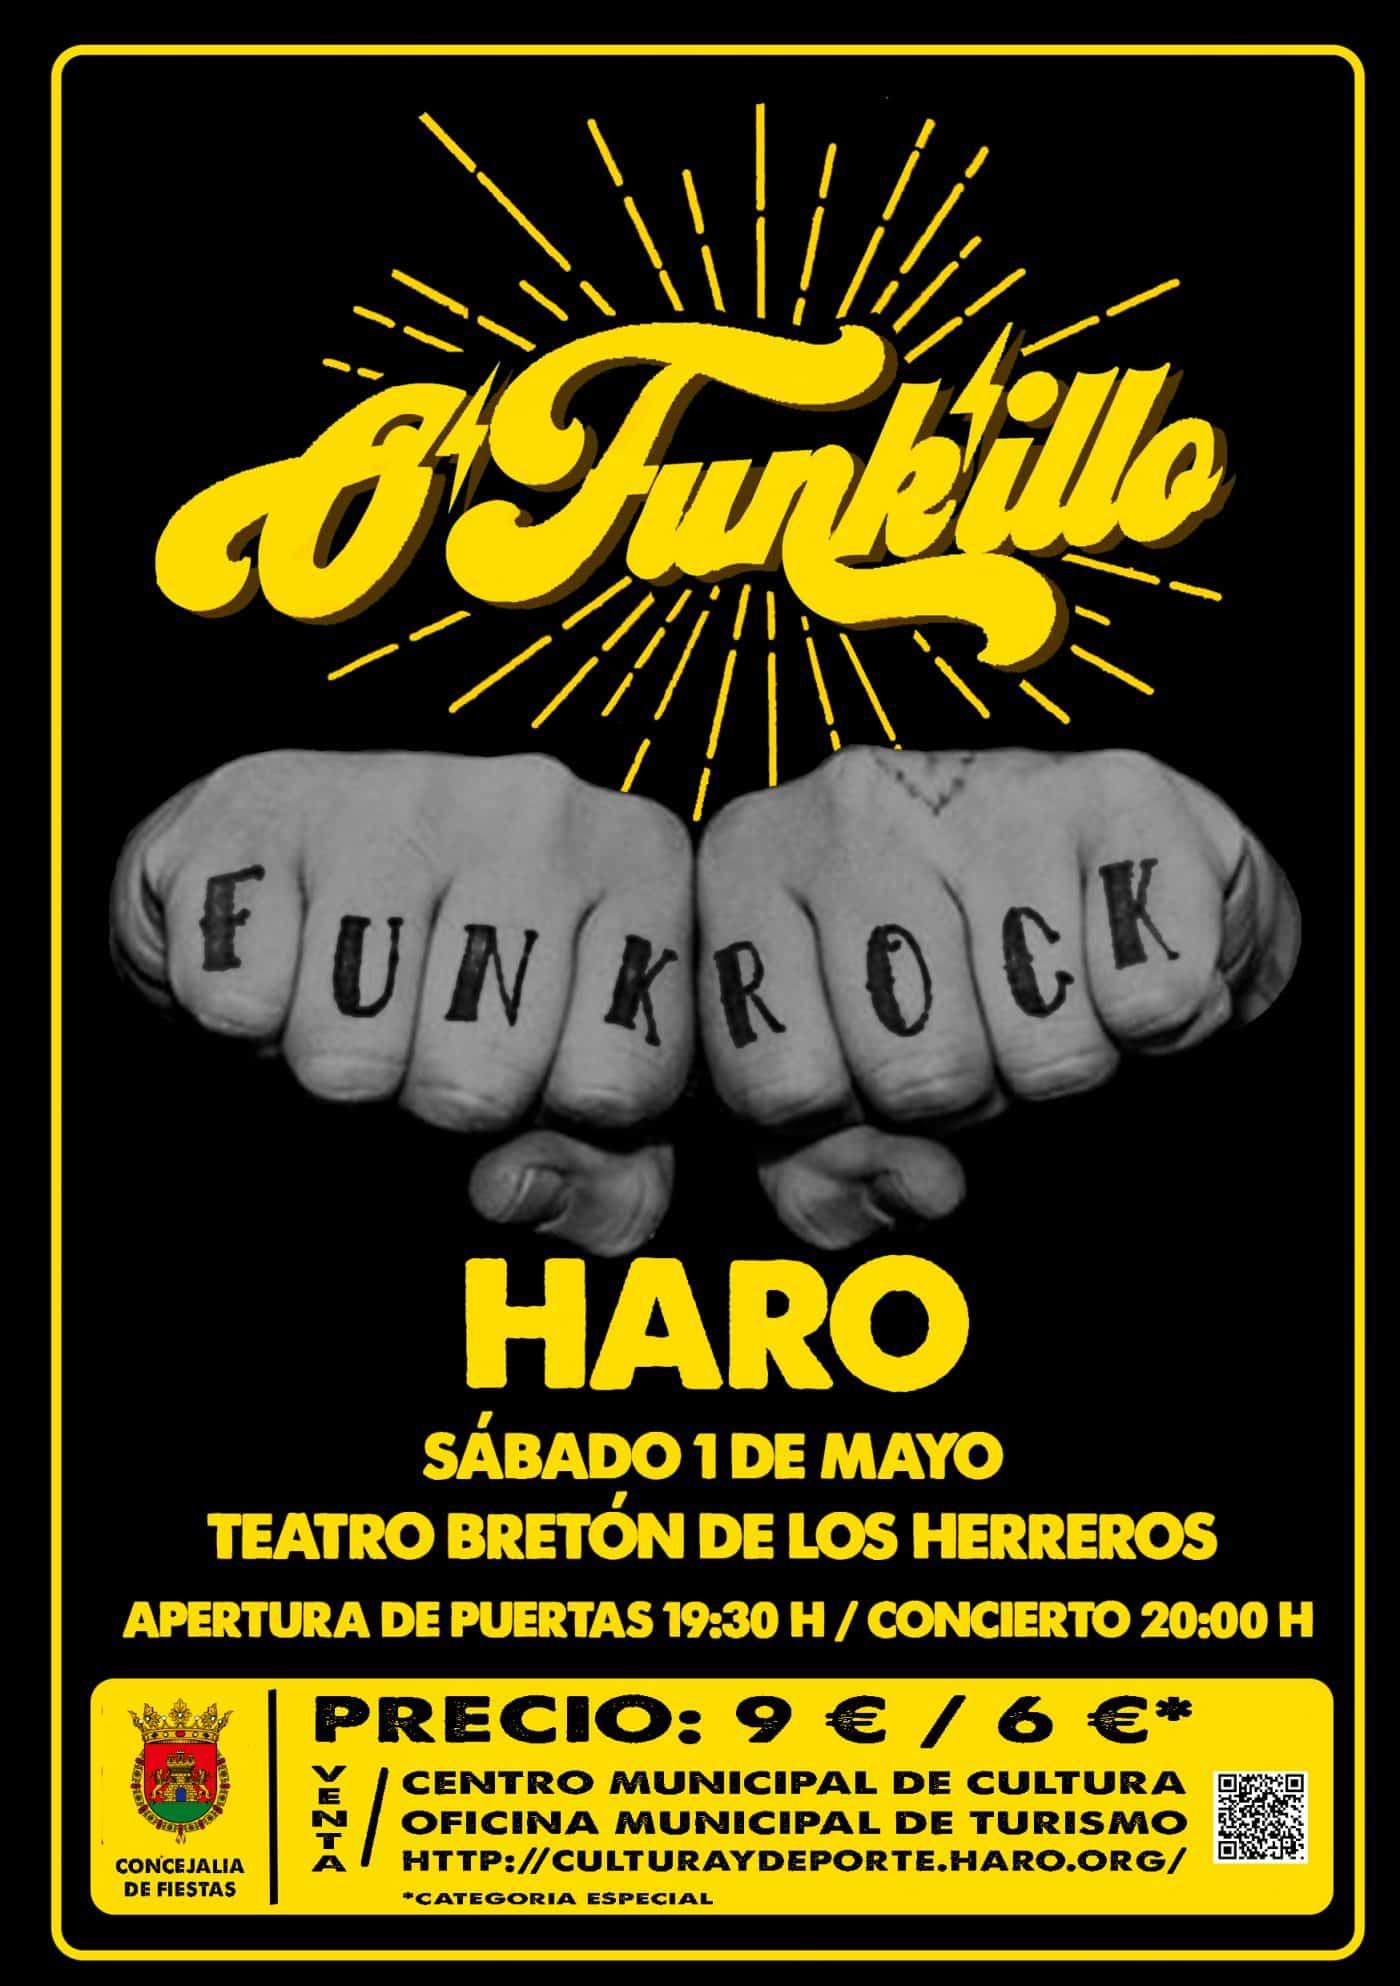 El grupo O'Funk'illo ofrecerá un concierto en Haro el próximo 1 de mayo 1